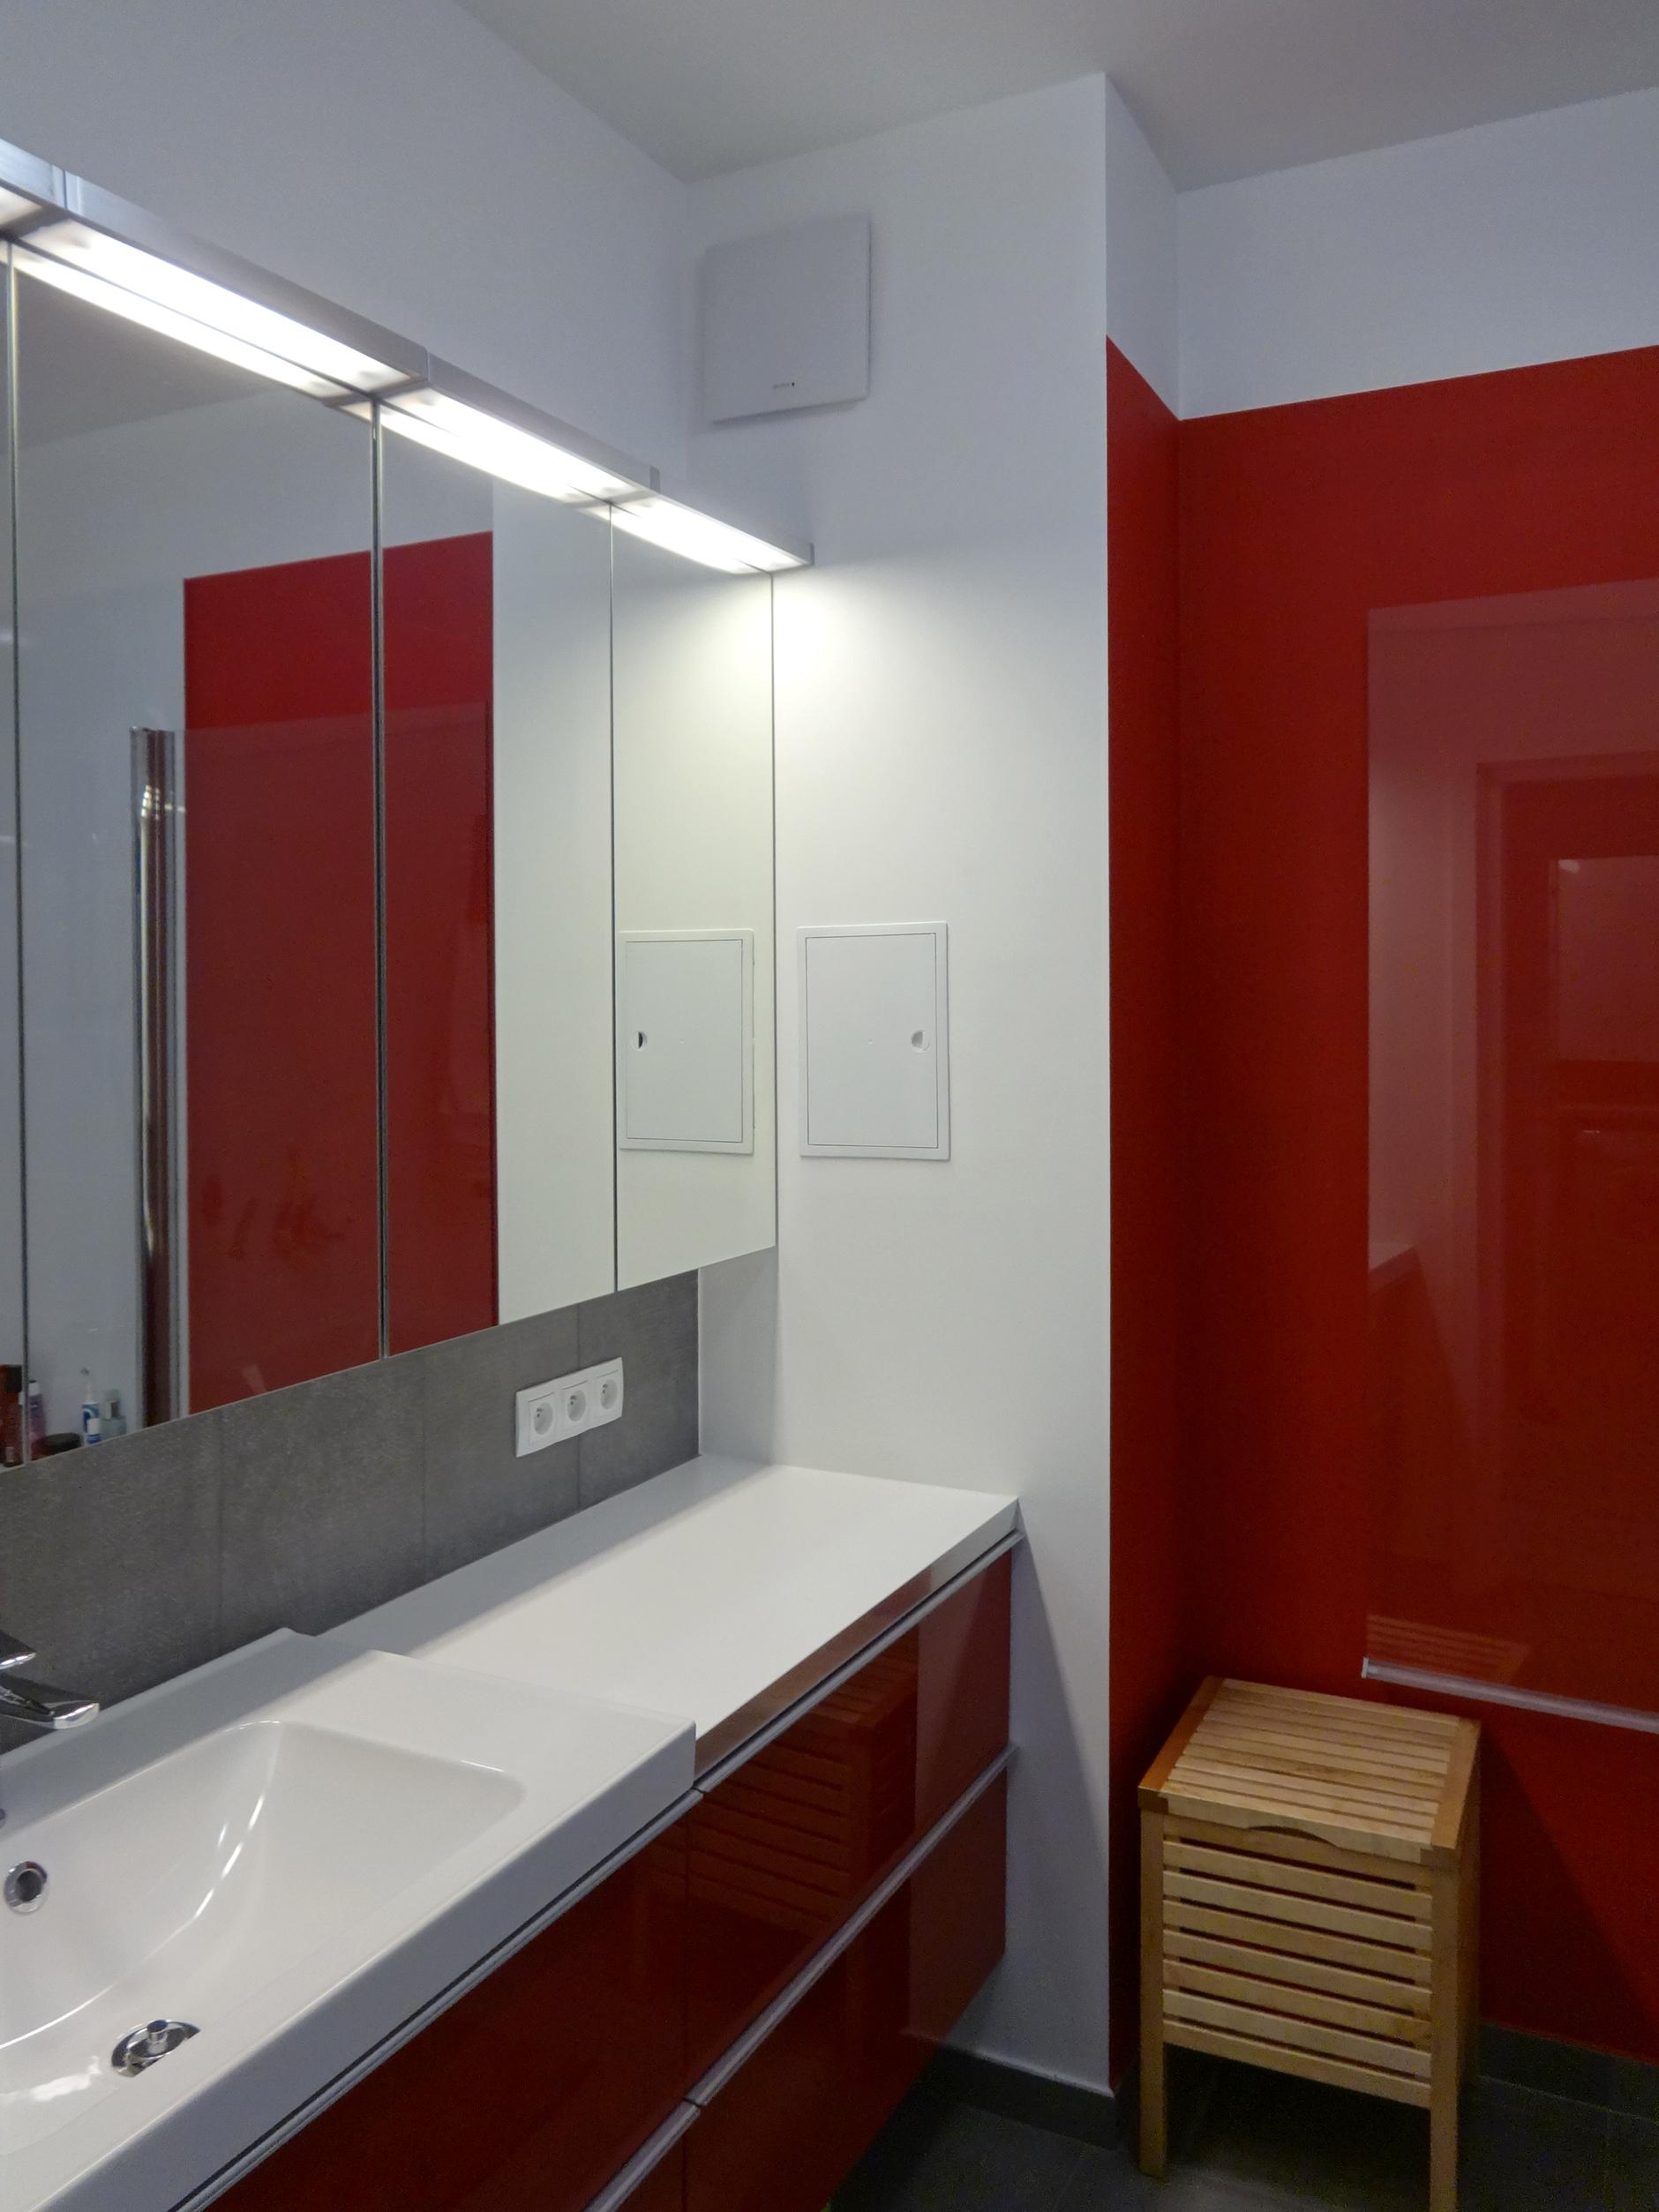 Mieszkanie na Zielonym Żoliborzu / Apartment in Zielony Żoliborz